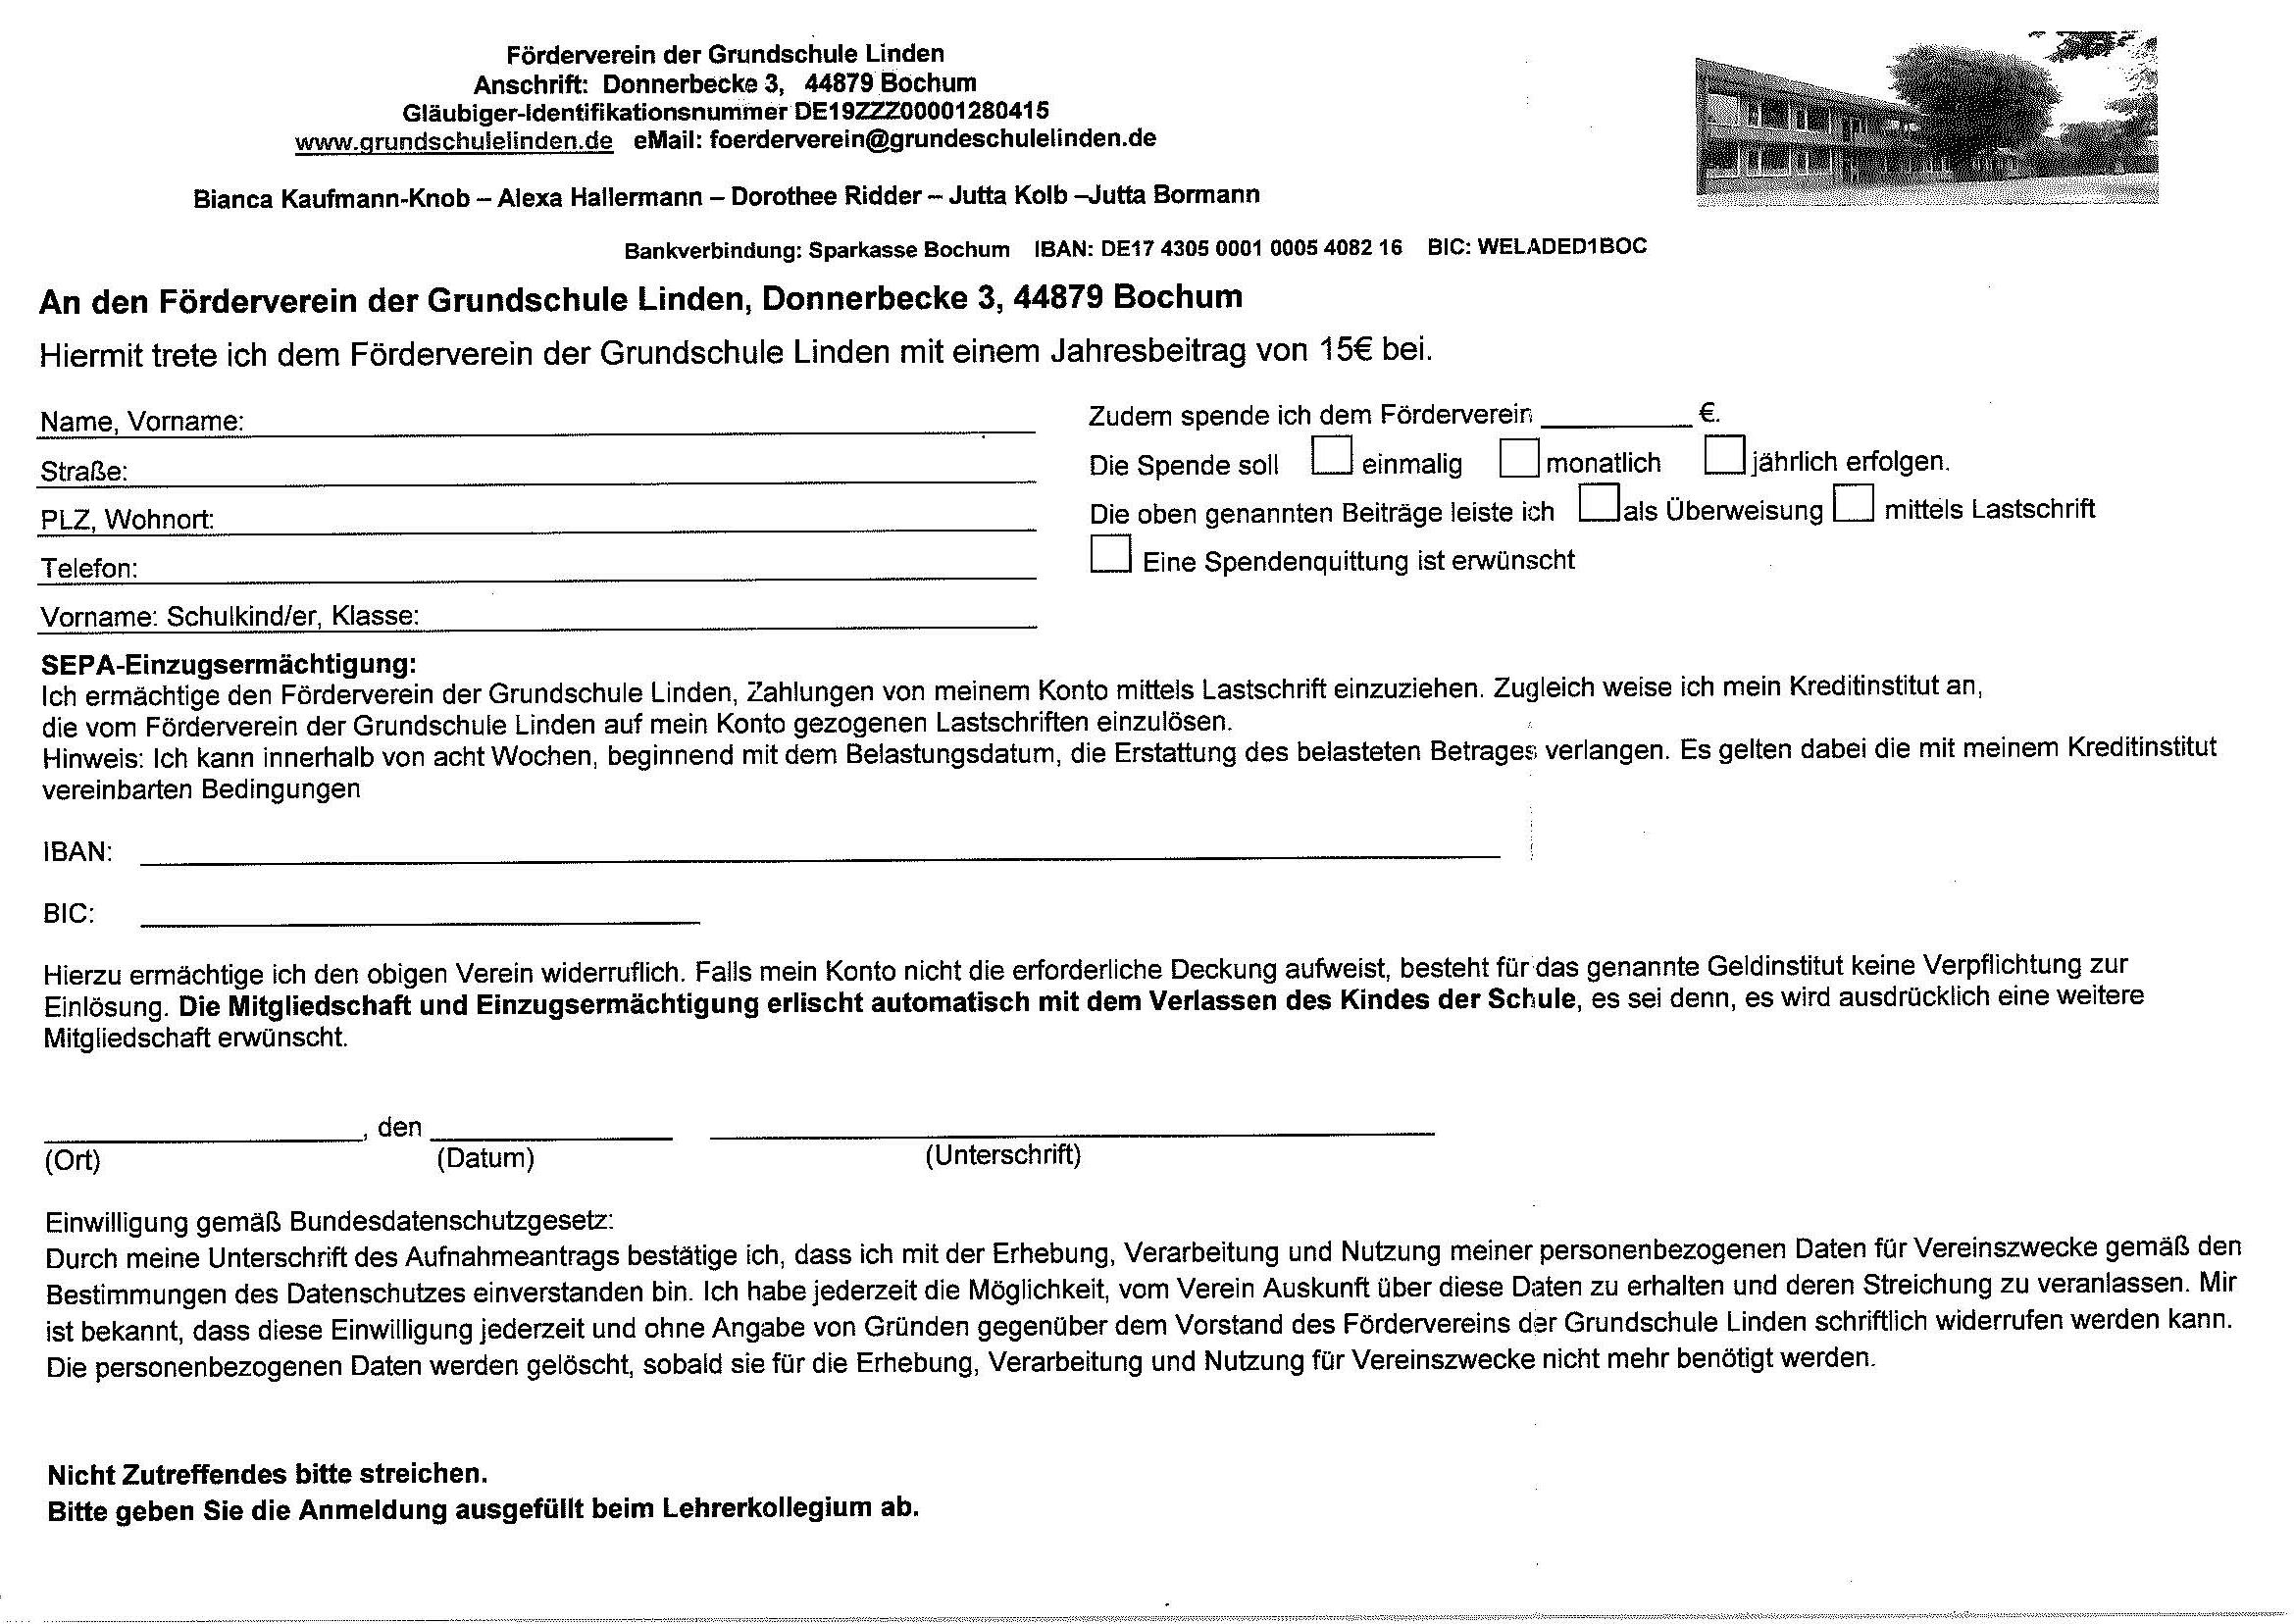 Förderverein Aufnahmeantrag Mitgliedschaft